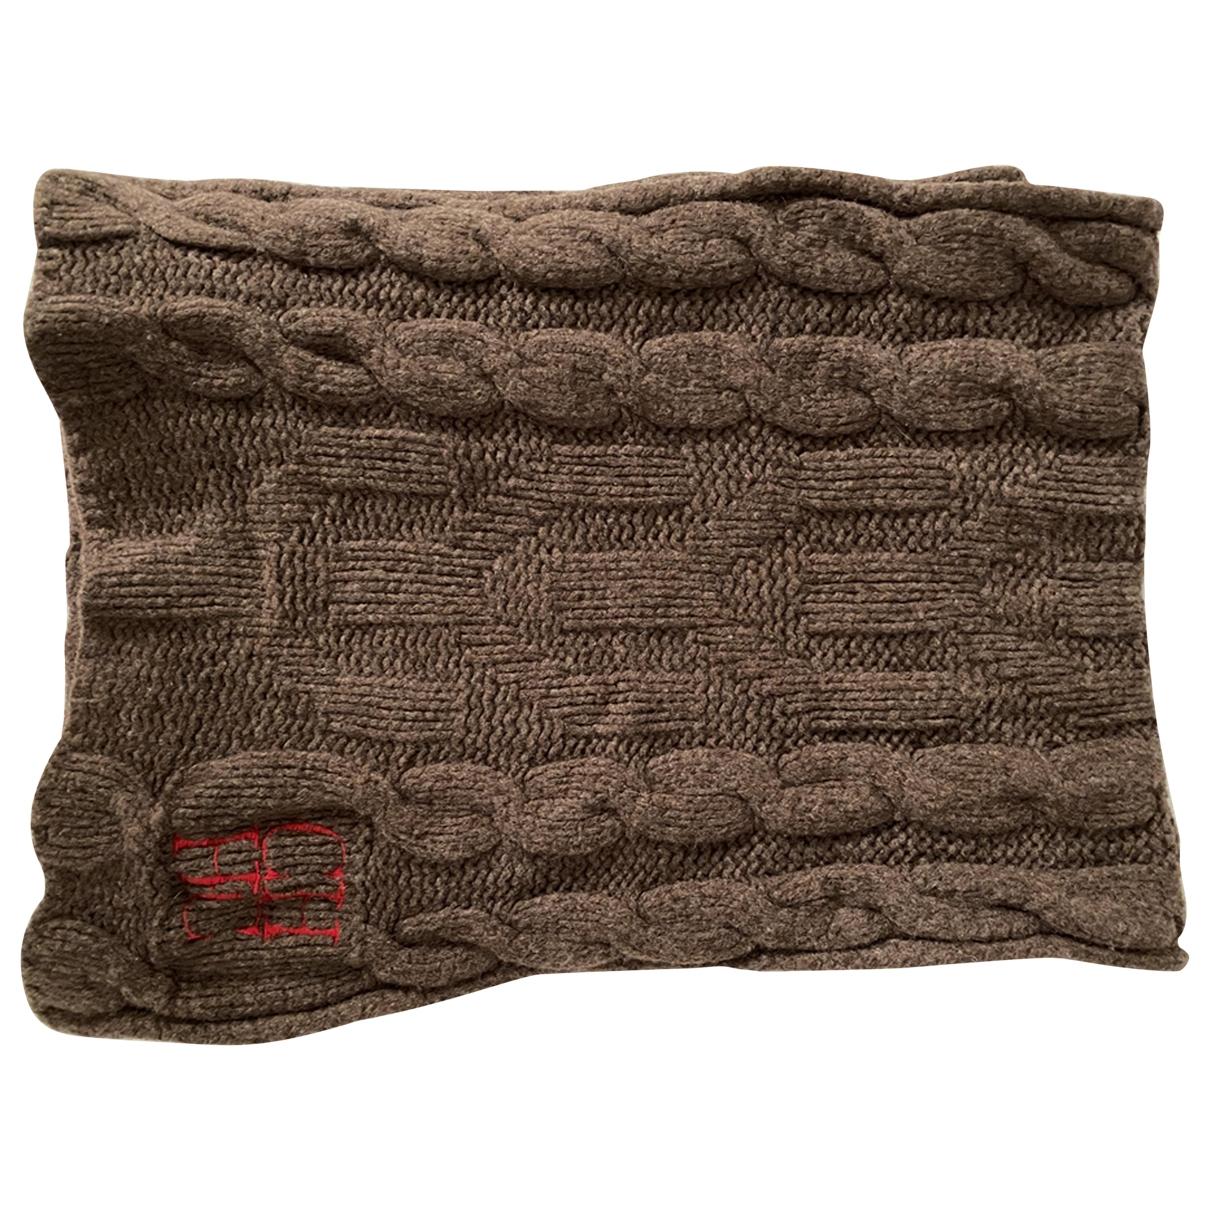 Carolina Herrera \N Brown Wool scarf & pocket squares for Men \N